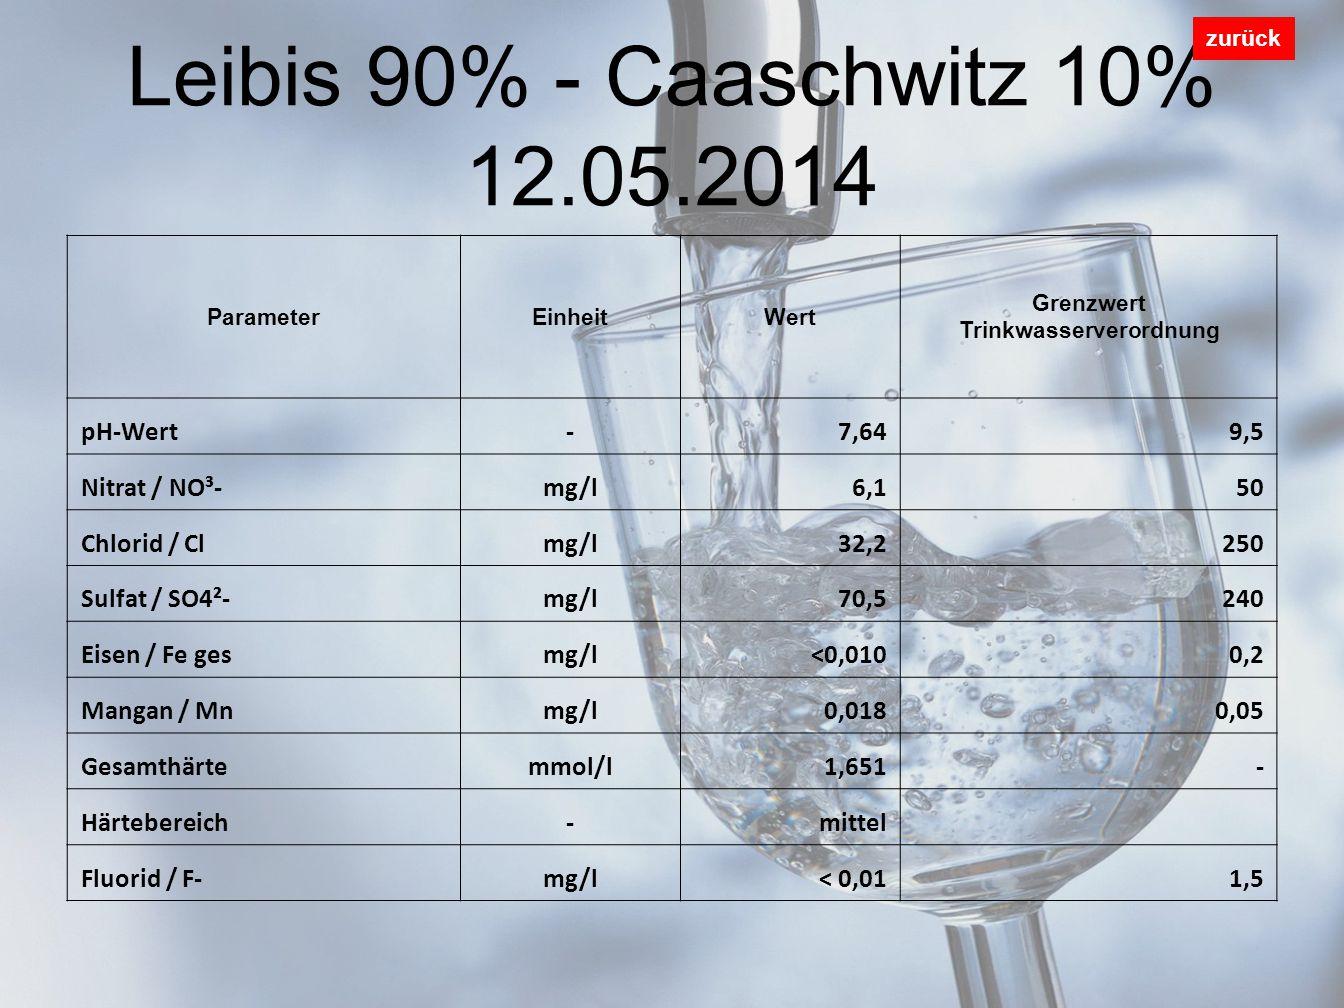 Leibis 90% - Caaschwitz 10% 12.05.2014 zurück ParameterEinheitWert Grenzwert Trinkwasserverordnung pH-Wert-7,649,5 Nitrat / NO³-mg/l6,150 Chlorid / Clmg/l32,2250 Sulfat / SO4²-mg/l70,5240 Eisen / Fe gesmg/l<0,0100,2 Mangan / Mnmg/l0,0180,05 Gesamthärtemmol/l1,651- Härtebereich-mittel Fluorid / F-mg/l< 0,011,5